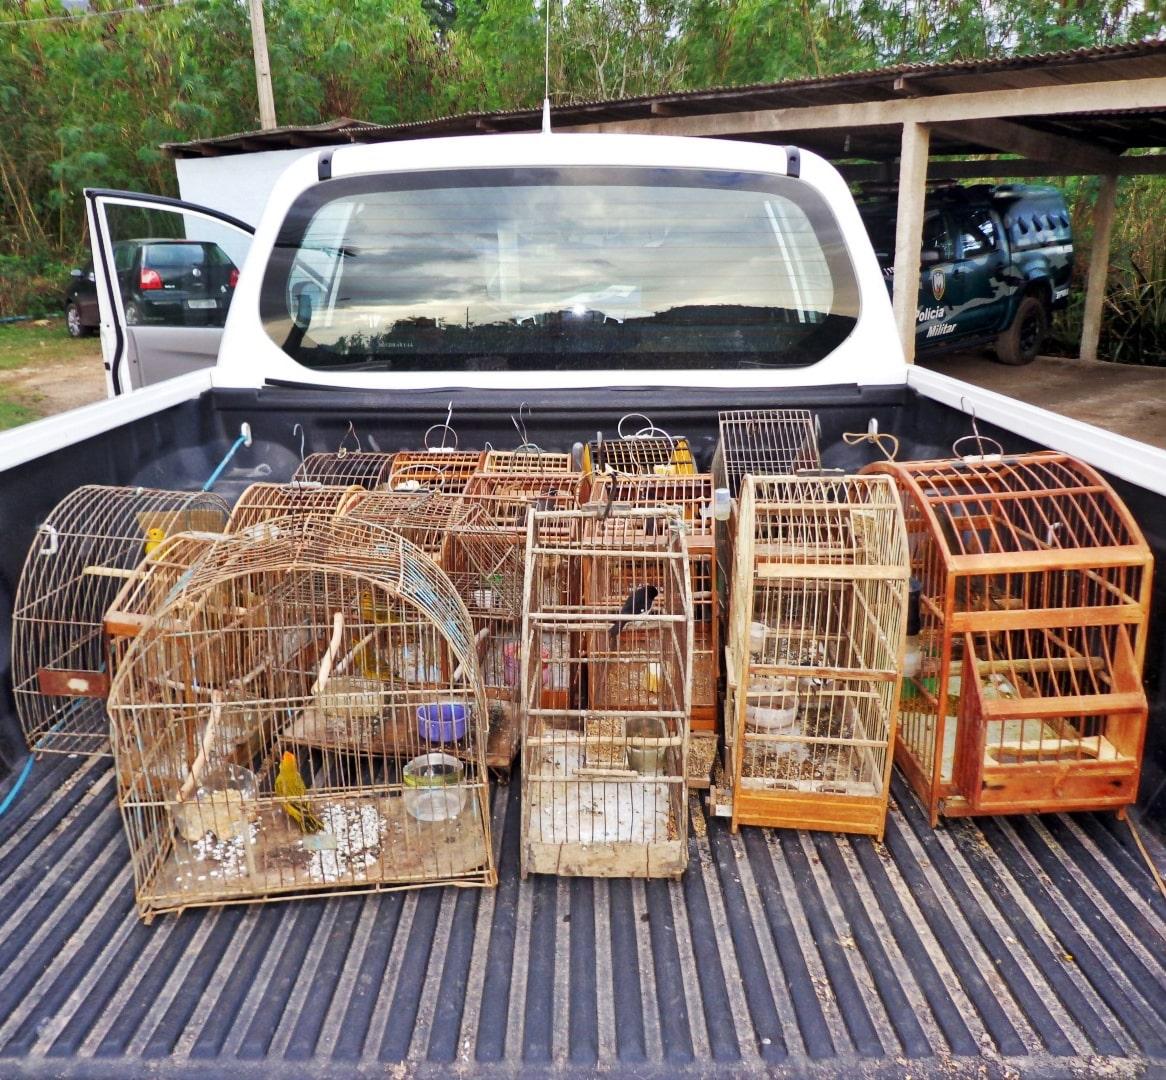 O responsável pelos pássaros foi conduzido à Delegacia de Piúma, para as providências cabíveis